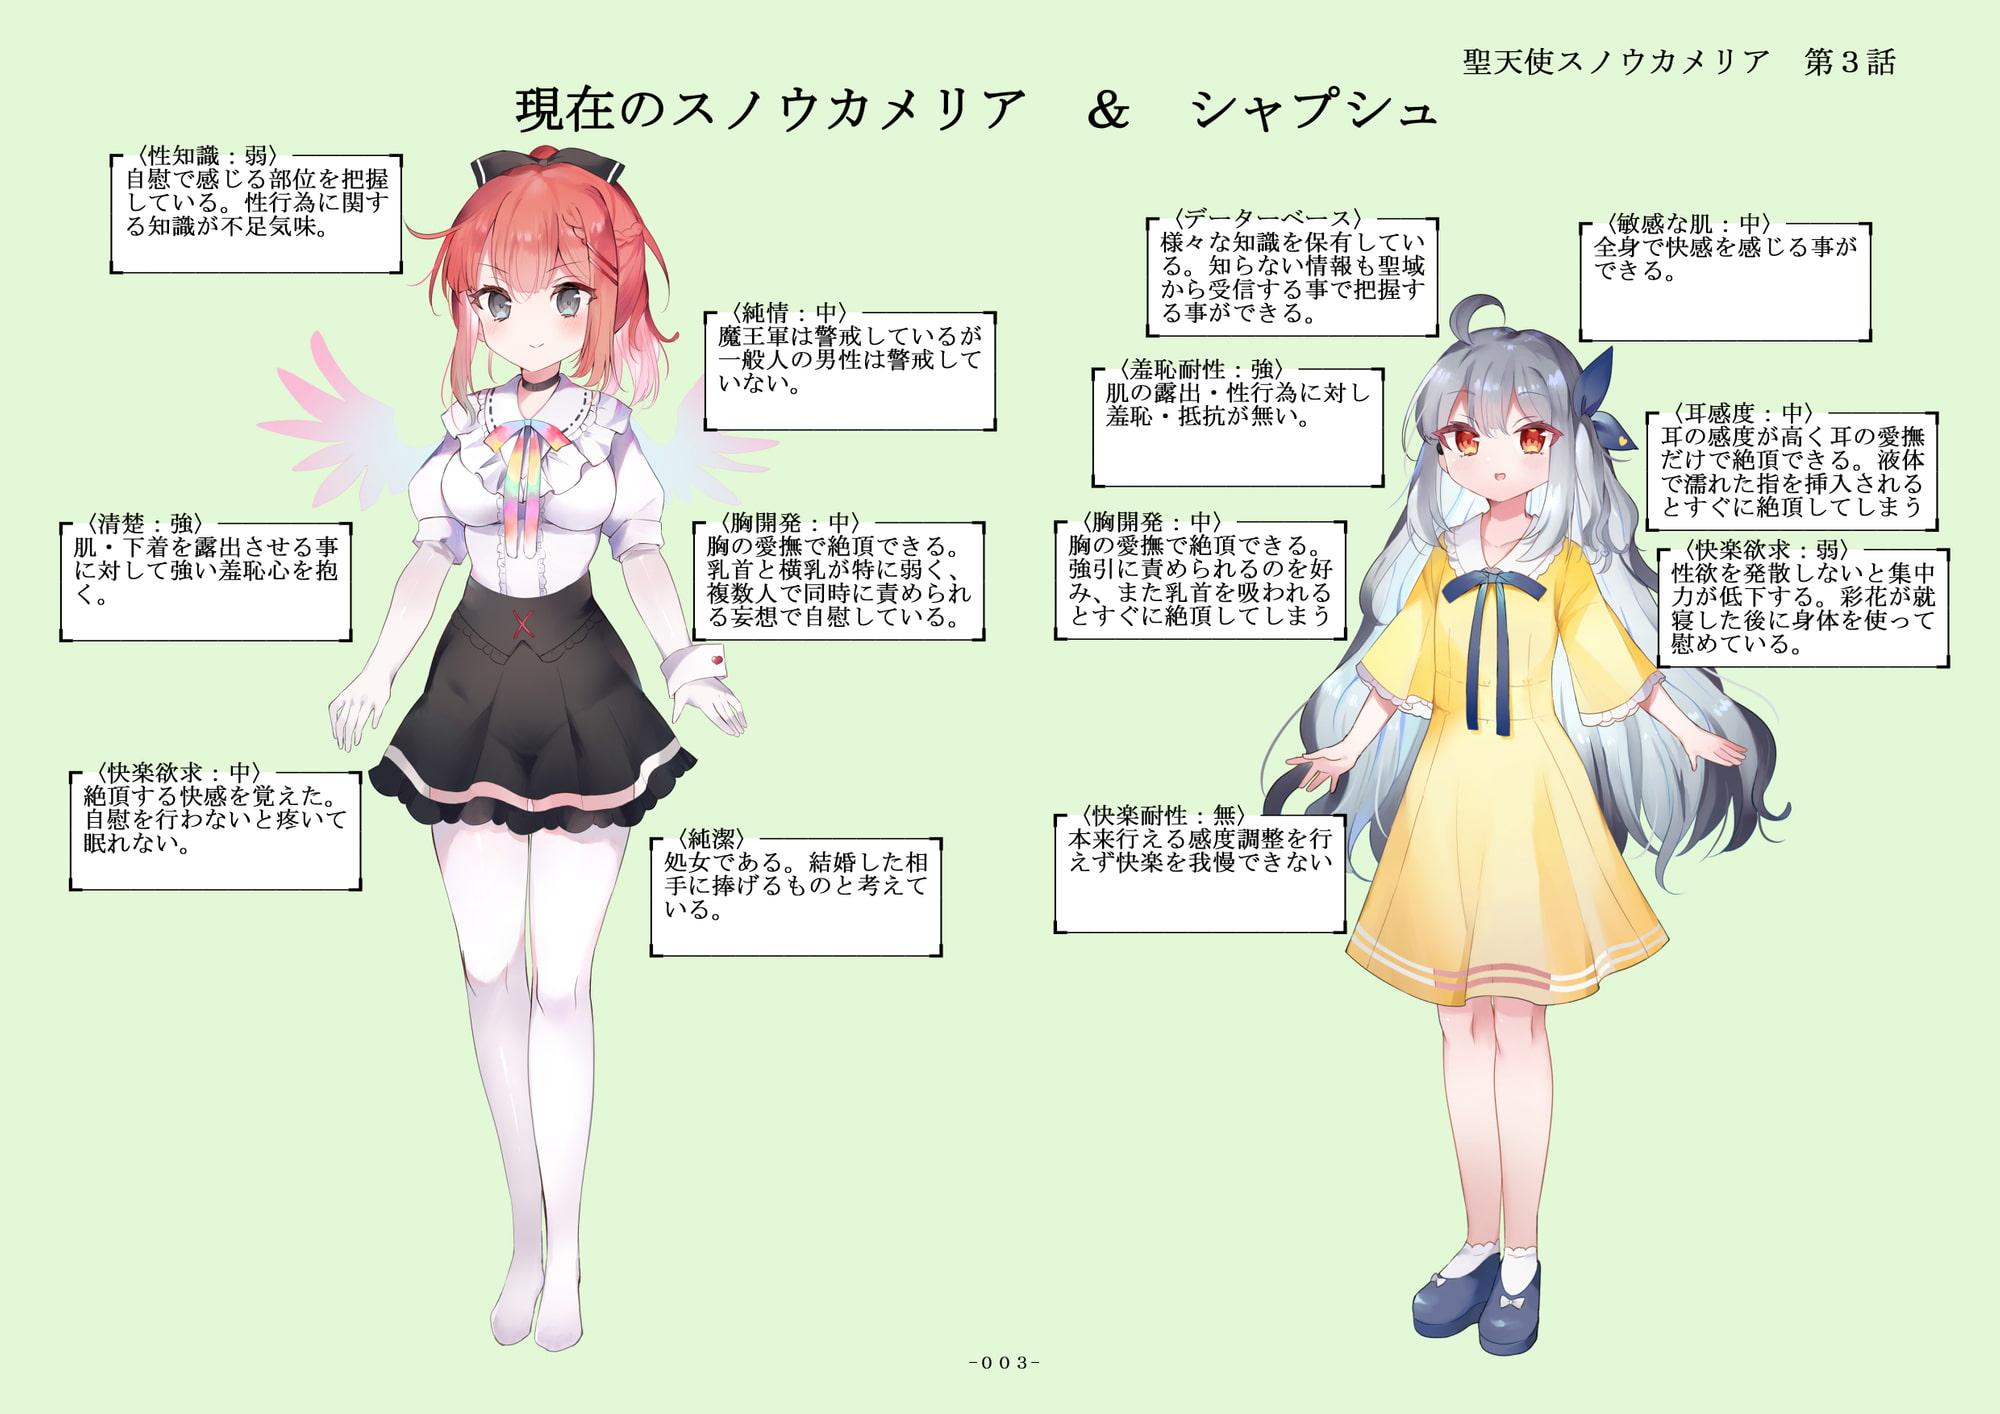 聖天使スノウカメリア 第3話「操心人形劇」